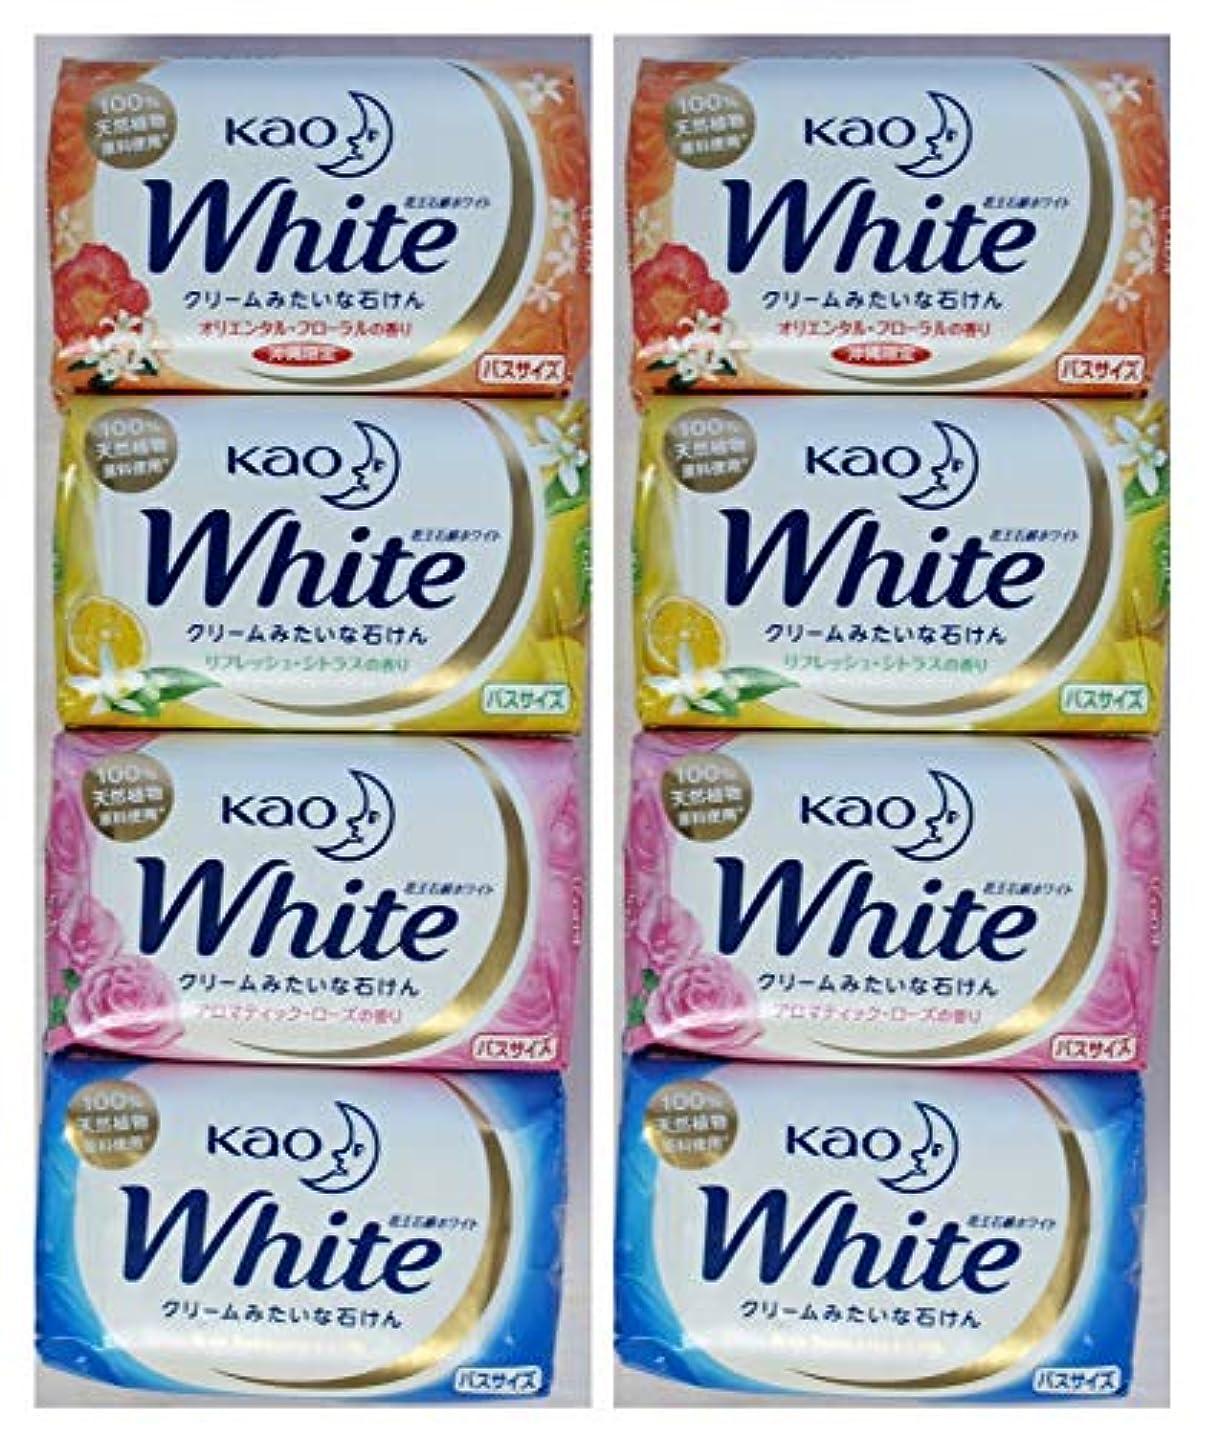 コントラストシュガー人間561988-8P 花王 Kao 石けんホワイト 4つの香り(オリエンタルフローラル/ホワイトフローラル/アロマティックローズ/リフレッシュシトラスの4種) 130g×4種×2set 計8個